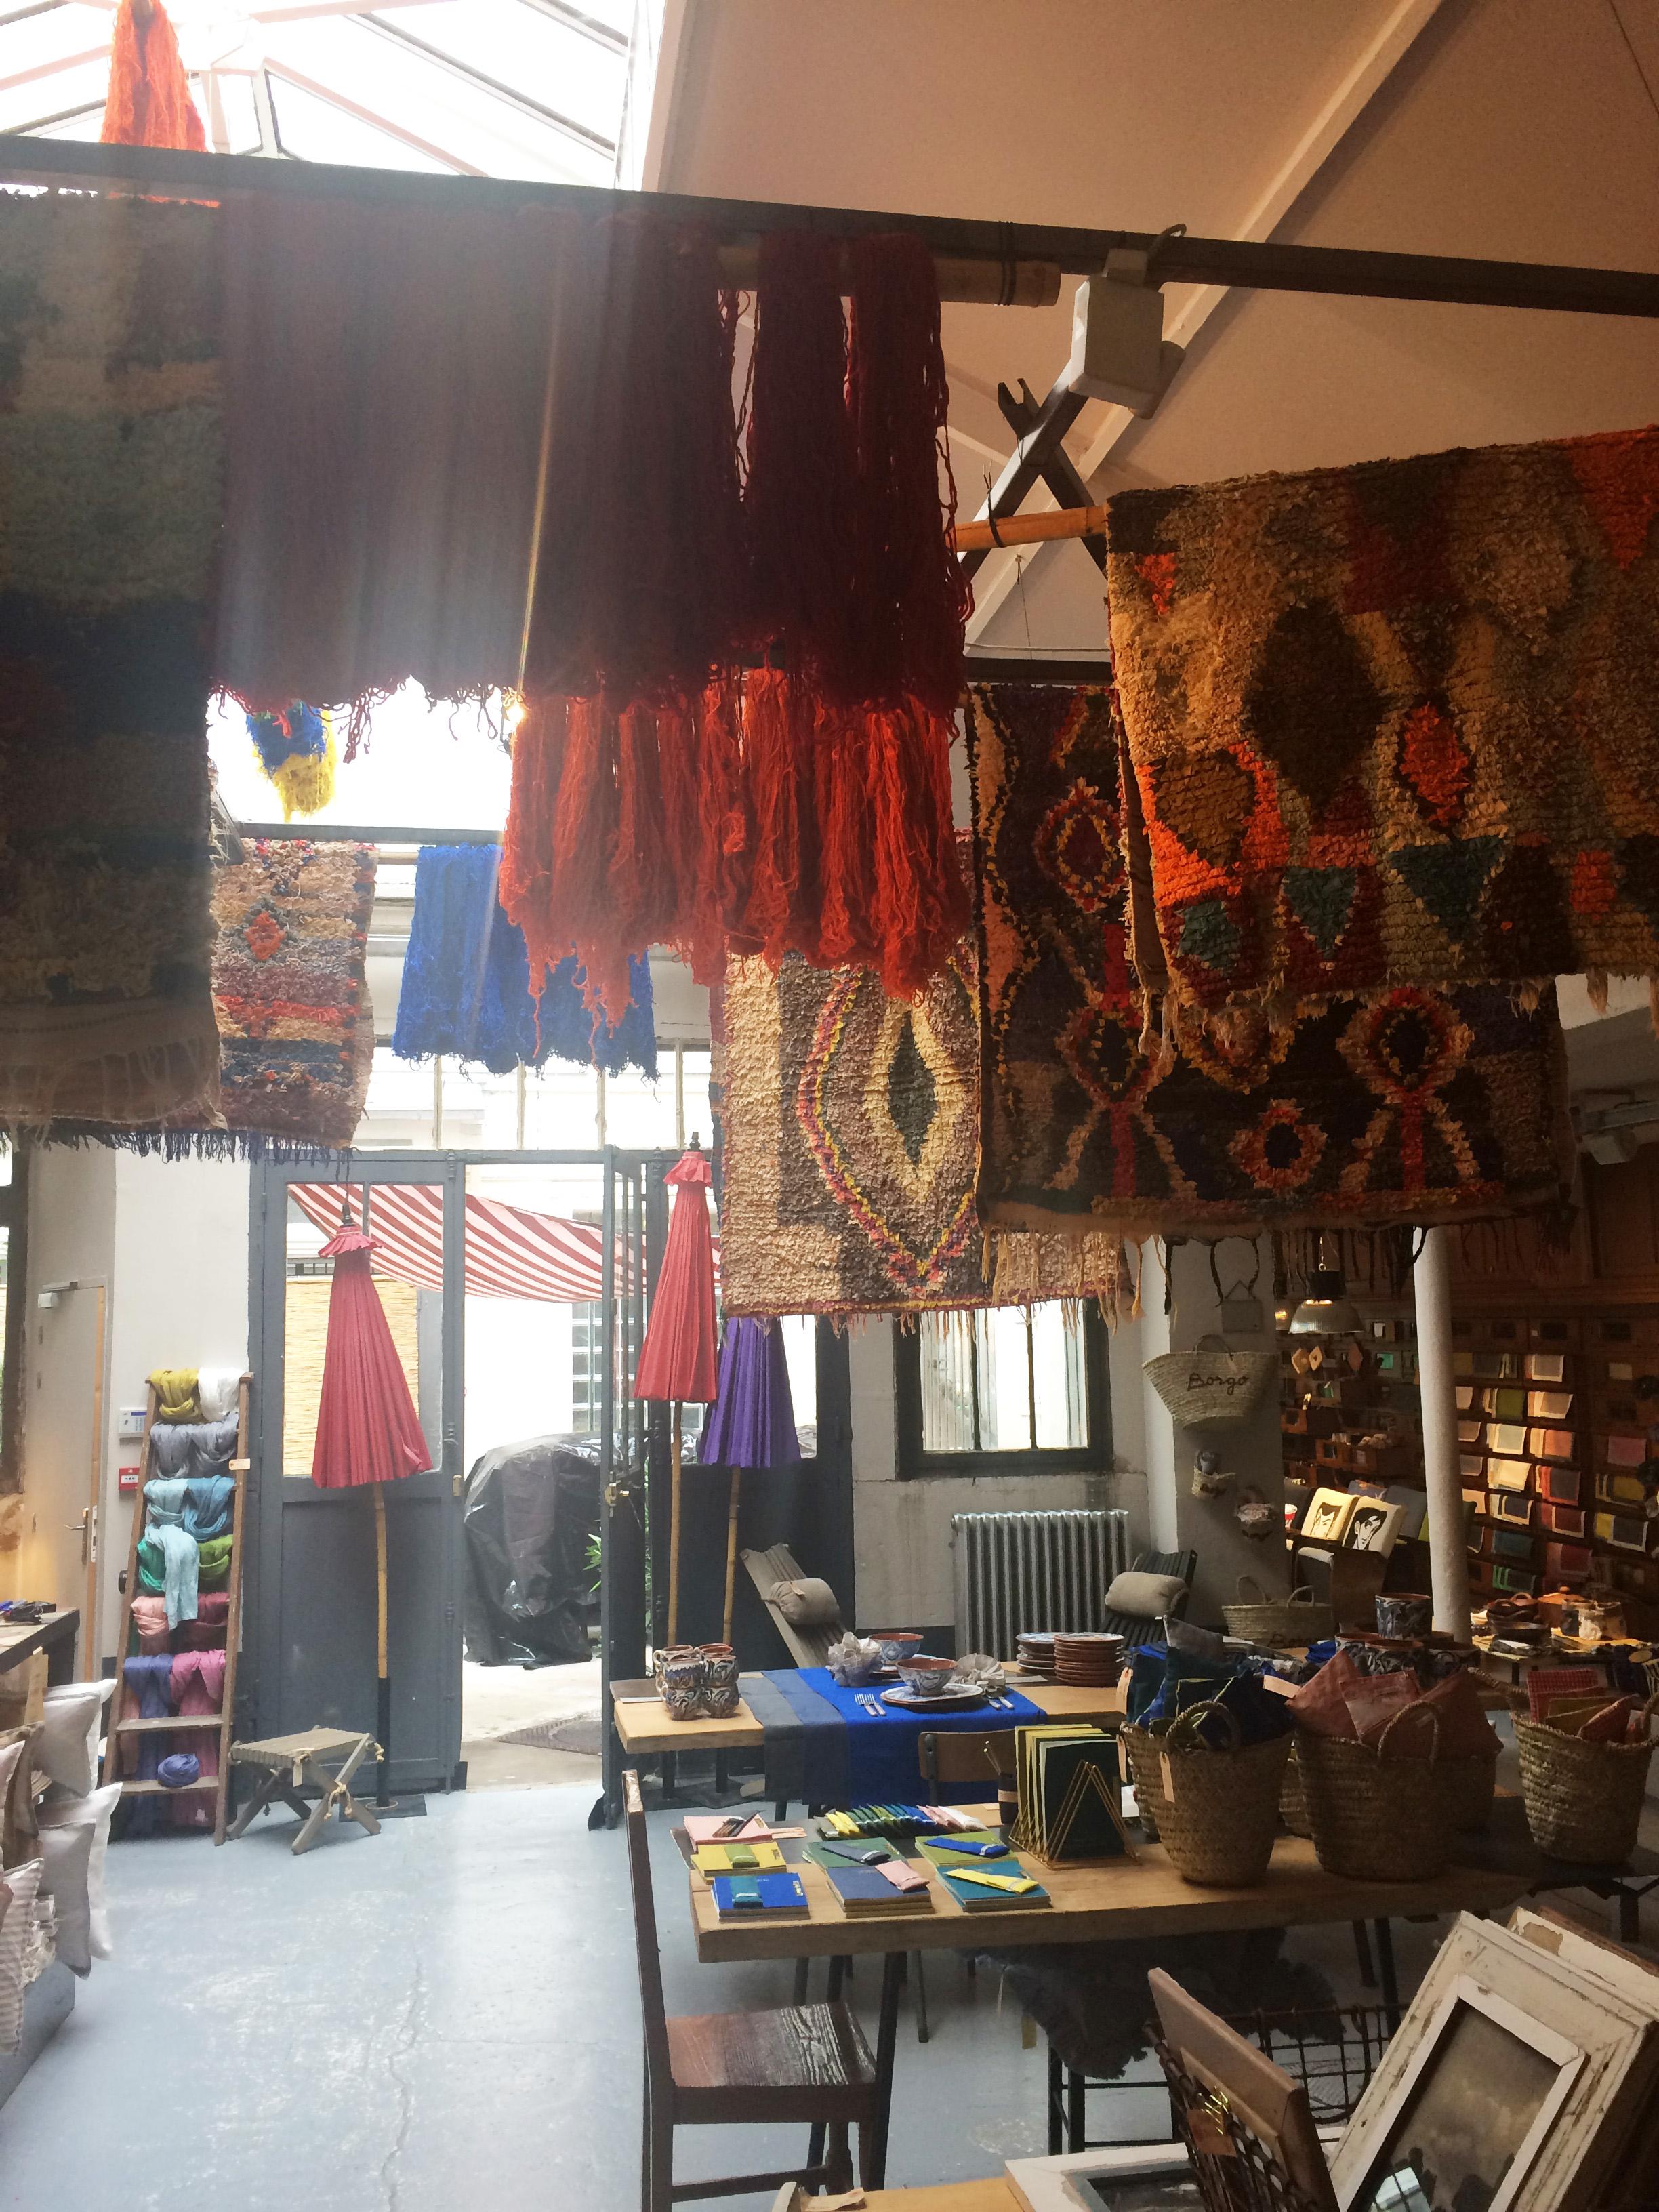 Borgo delle tovaglie Top Interior Stores In Paris Worth Visiting authentic interior